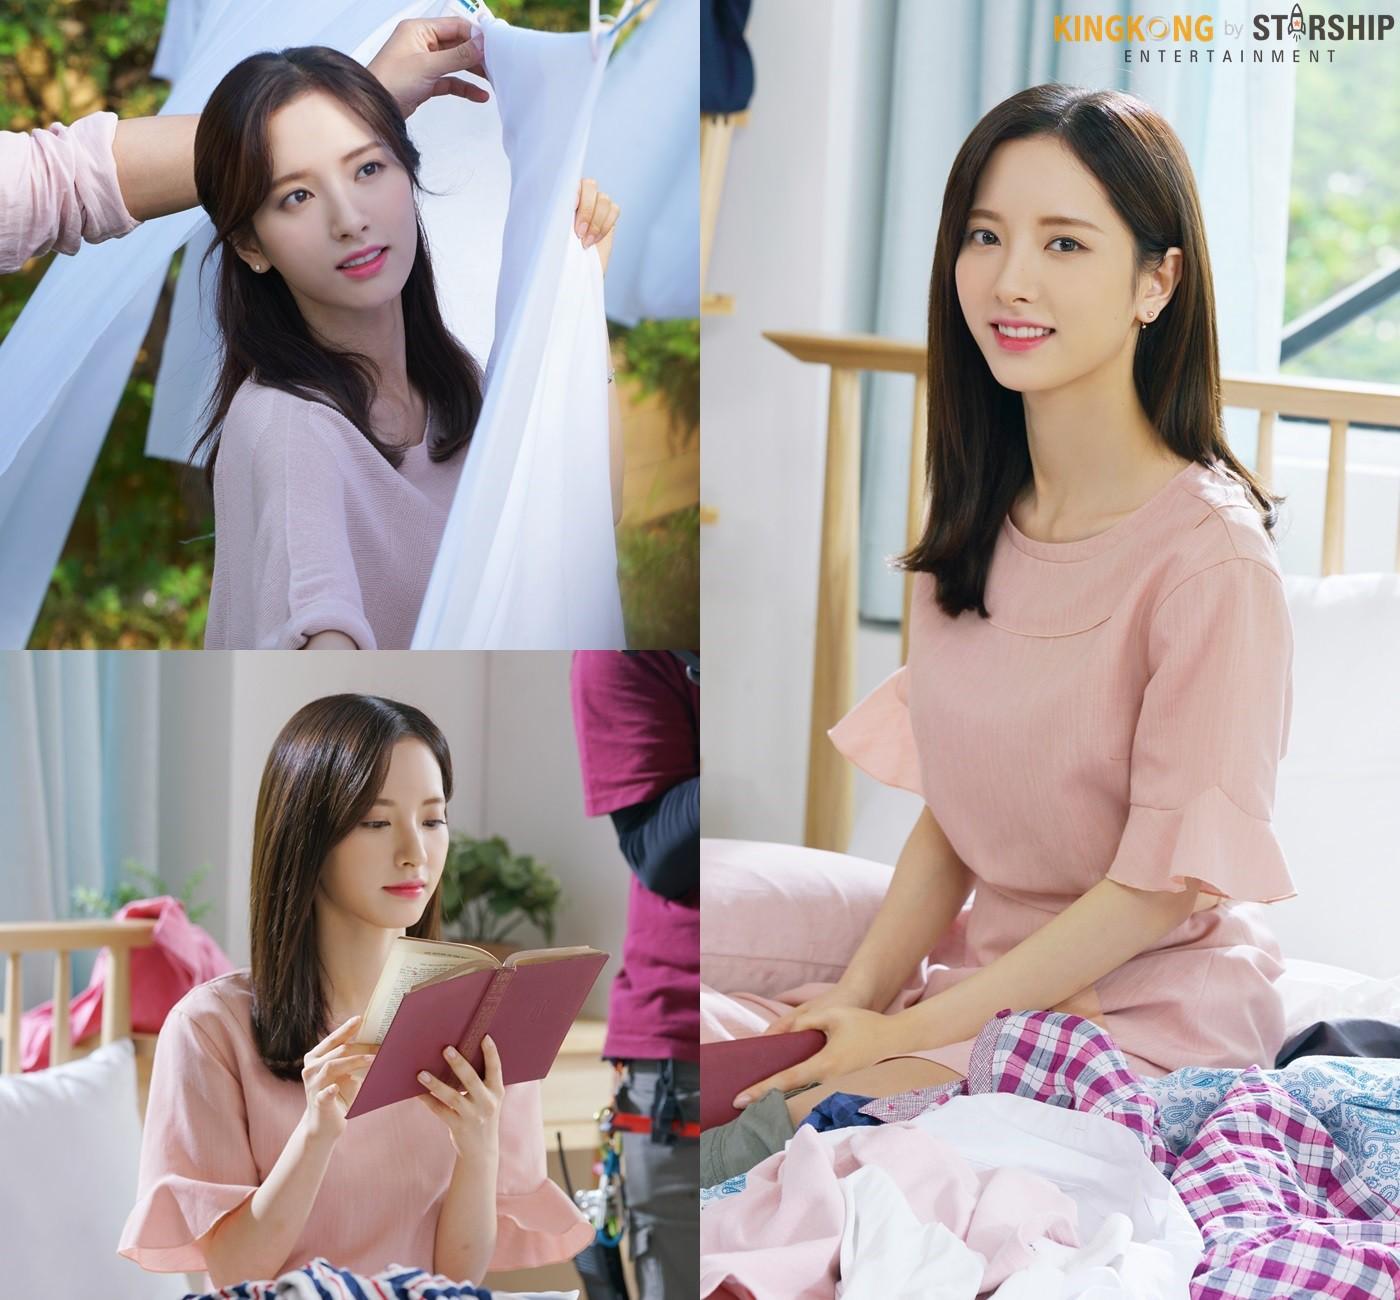 Your House Helper: Chuyện chàng quản gia đẹp hơn hoa xứ Hàn dọn dẹp tâm hồn người xem - Ảnh 6.